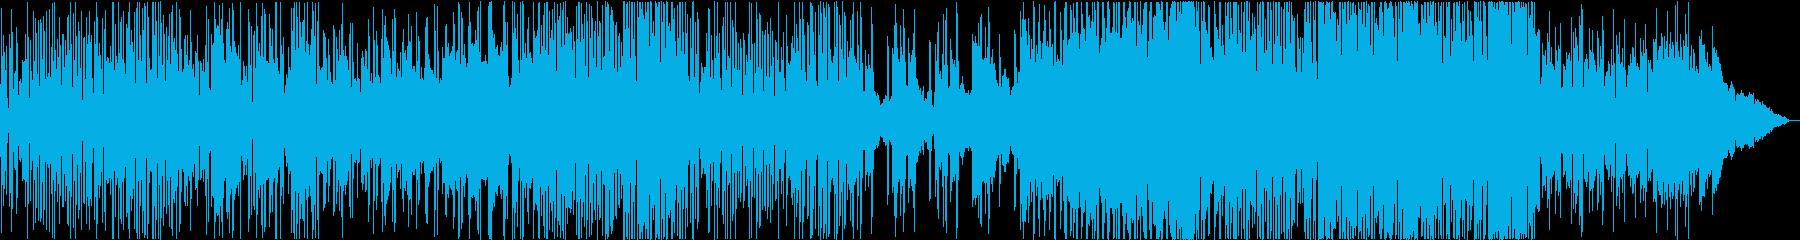 シリアス、華麗なる生演奏アコギの再生済みの波形